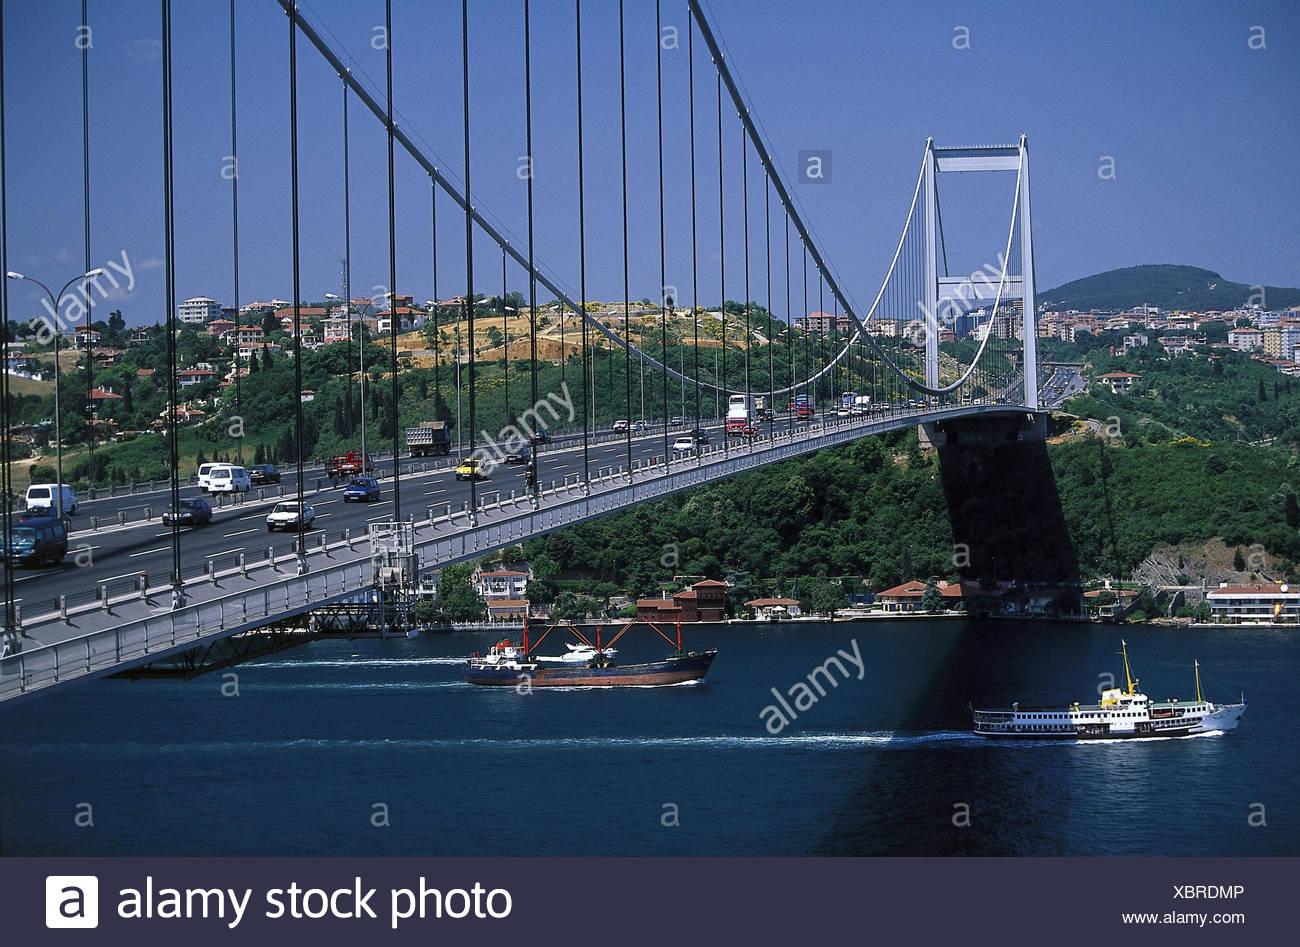 Türkei, Istanbul, Stadtviertel Ortaköy, Brücke, 'Bogazici Köprüsü'  Erste Bosporus-Brücke, Hängebrücke, Meerenge, Bosporus, Schiffe, Schifffahrt, Verkehr - Stock Image